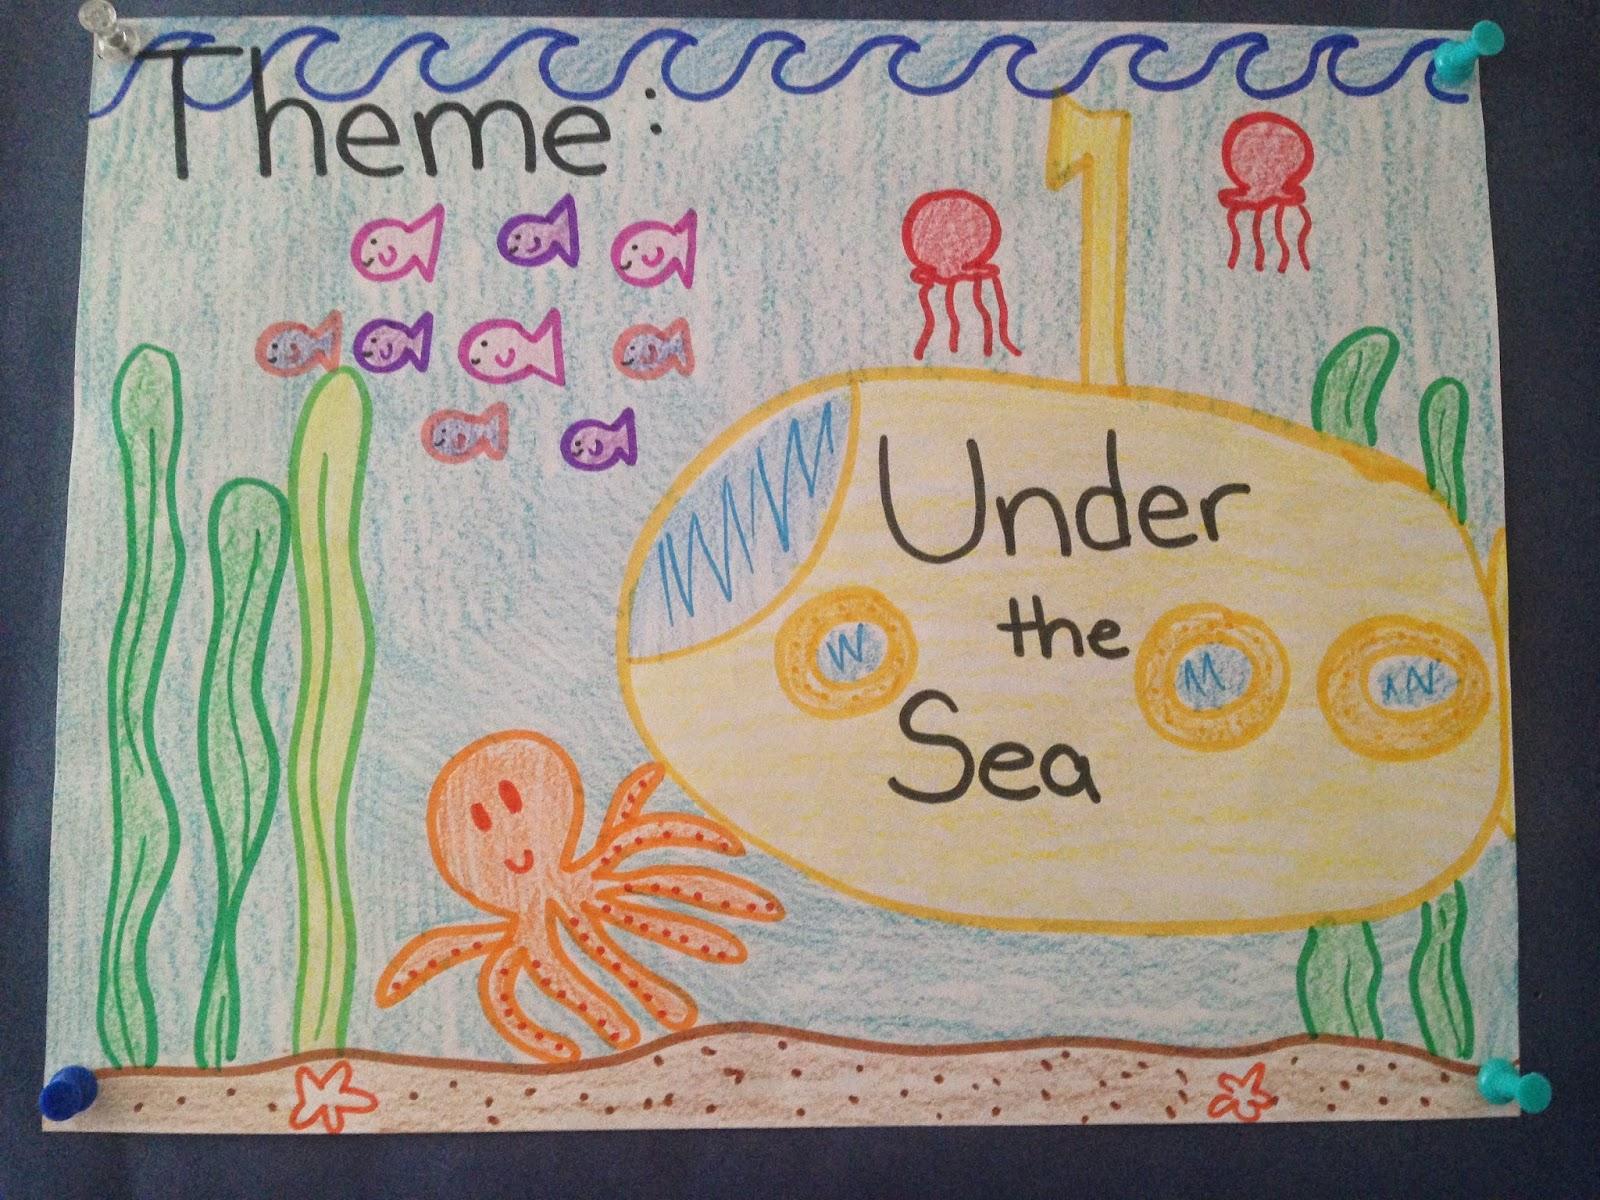 Keep Calm And Teach On Under The Sea